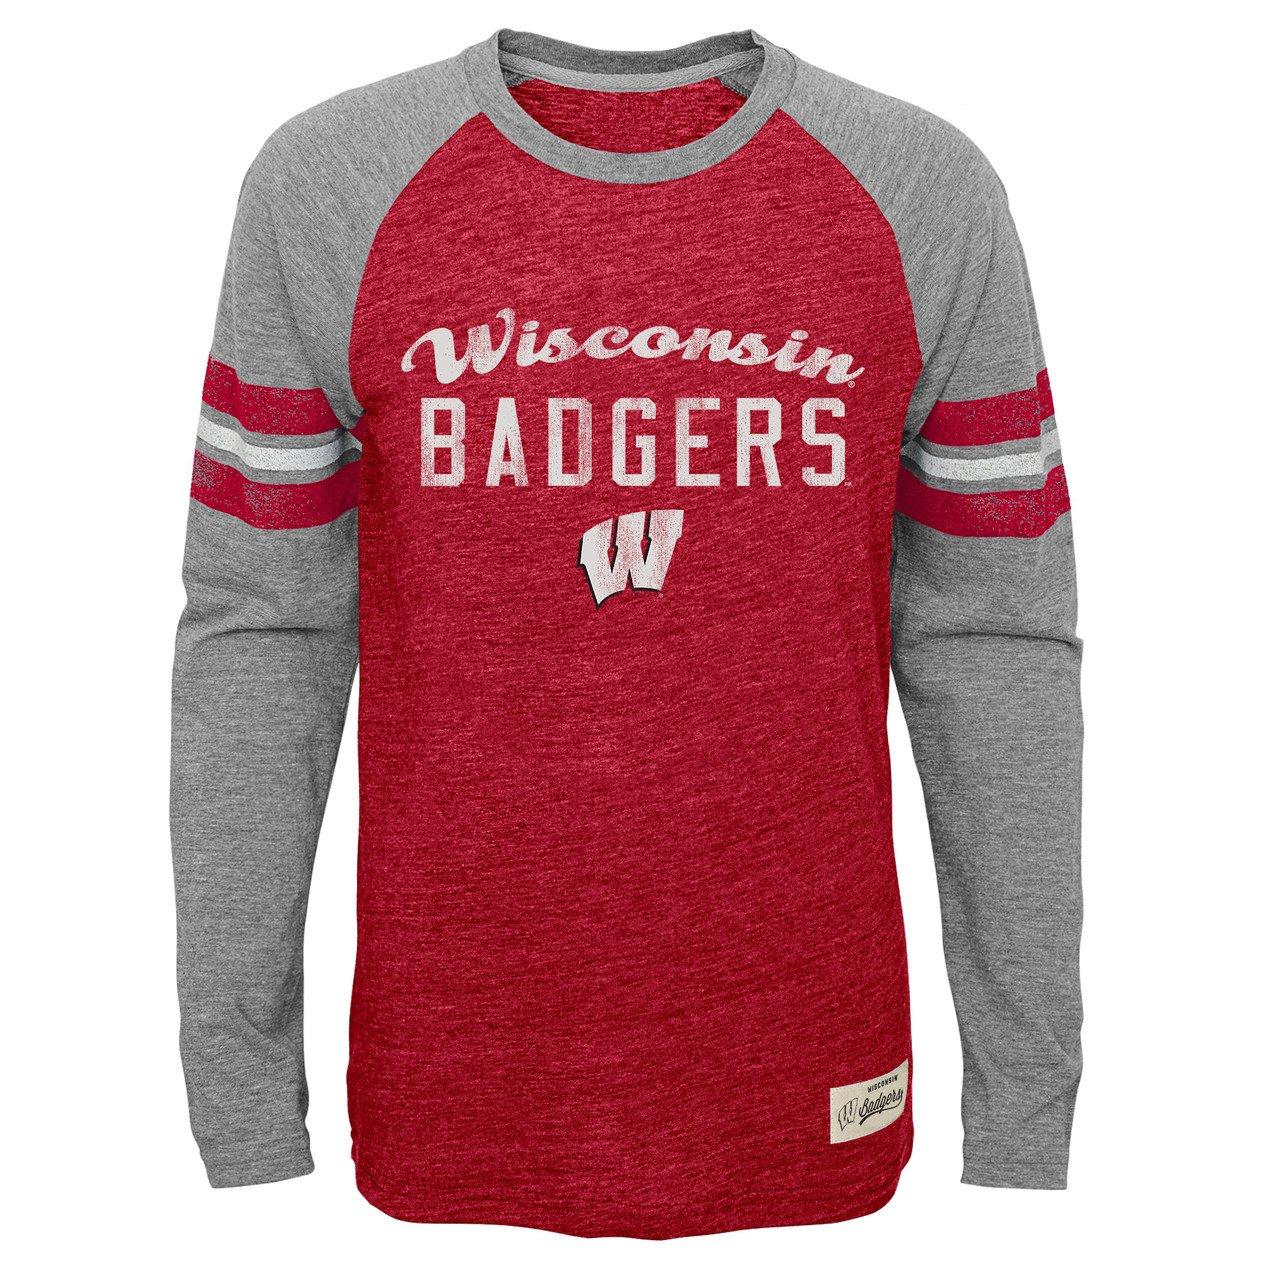 【爆買い!】 Wisconsin Badgers XL Youth NCAAフットボールPrideロングスリーブTシャツ – – レッド、 レッド、 XL B0764JMK3Q, Treasure-Store:67ba46ea --- narvafouette.eu